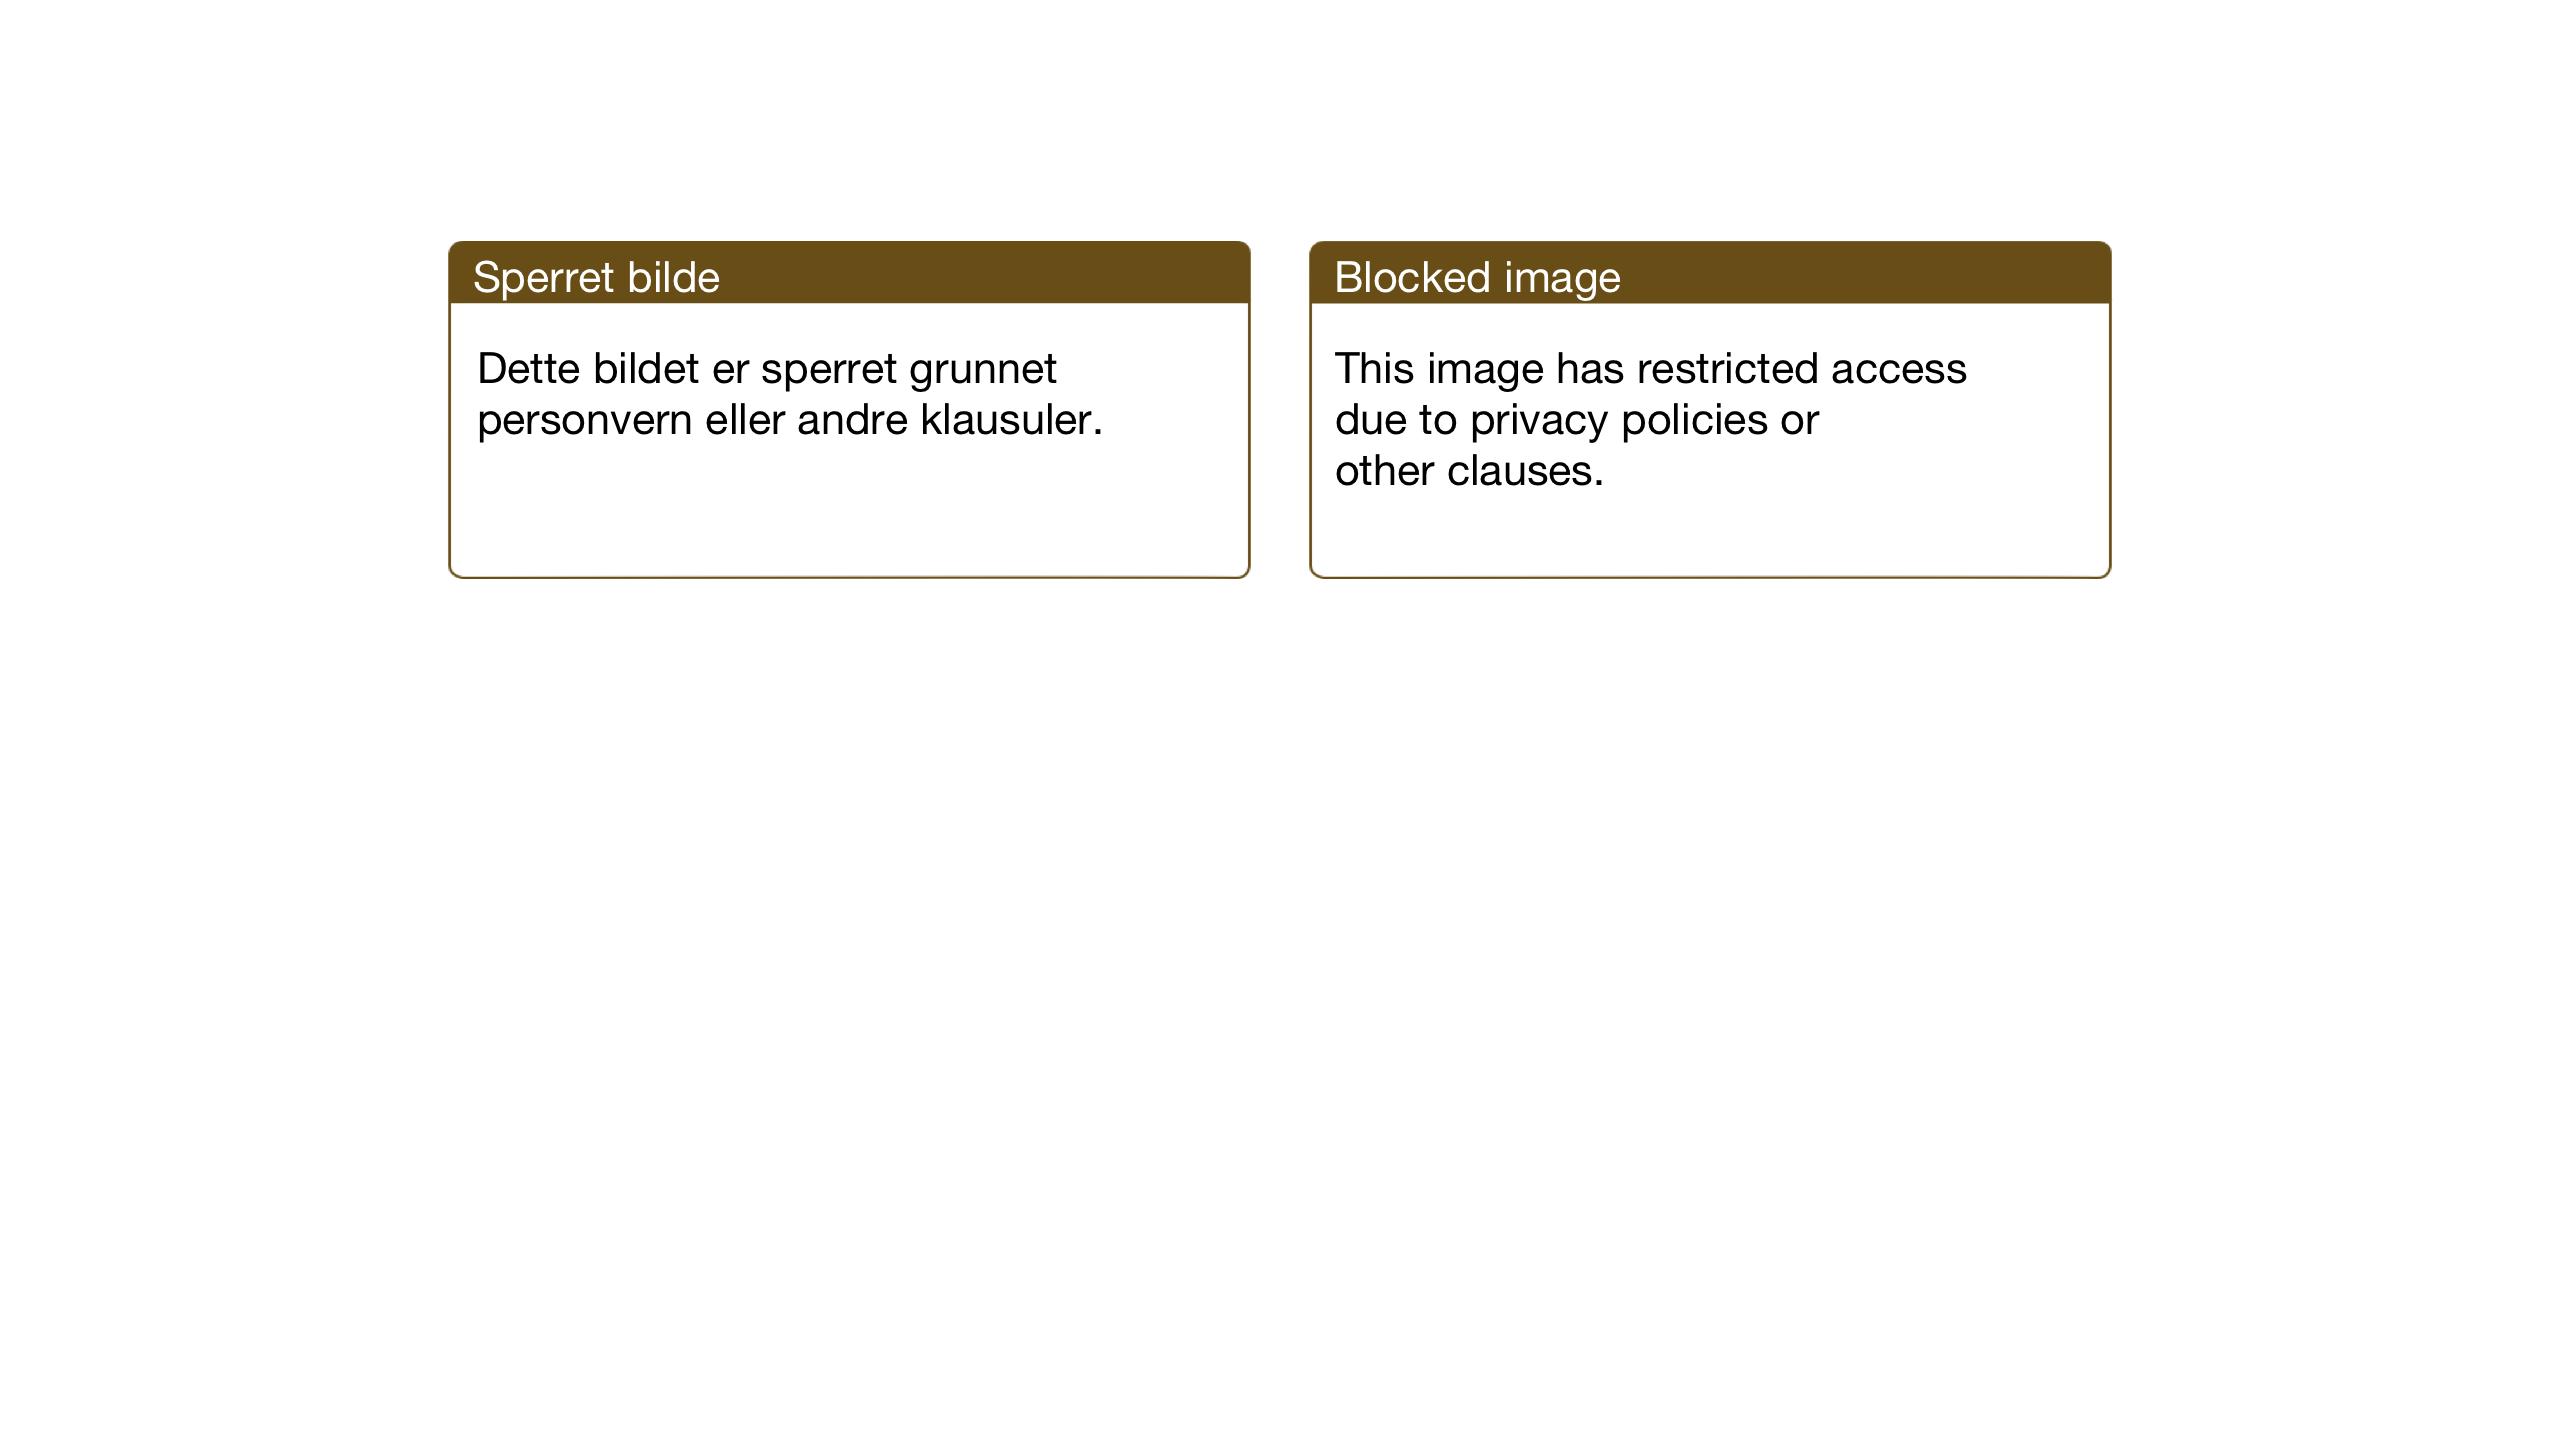 SAT, Ministerialprotokoller, klokkerbøker og fødselsregistre - Sør-Trøndelag, 686/L0986: Klokkerbok nr. 686C02, 1933-1950, s. 107